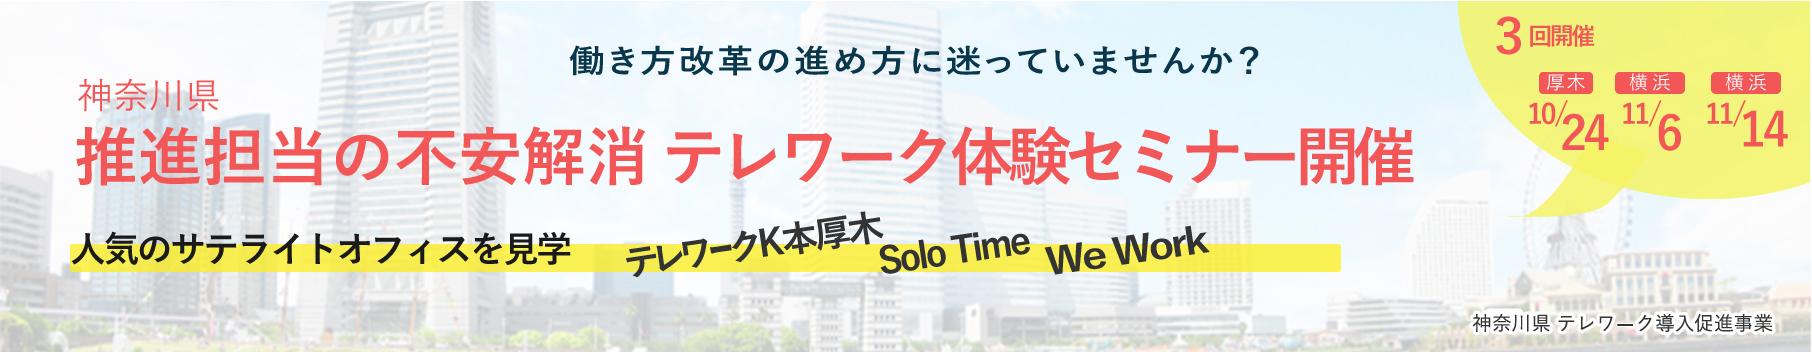 神奈川県テレワーク導入促進事業